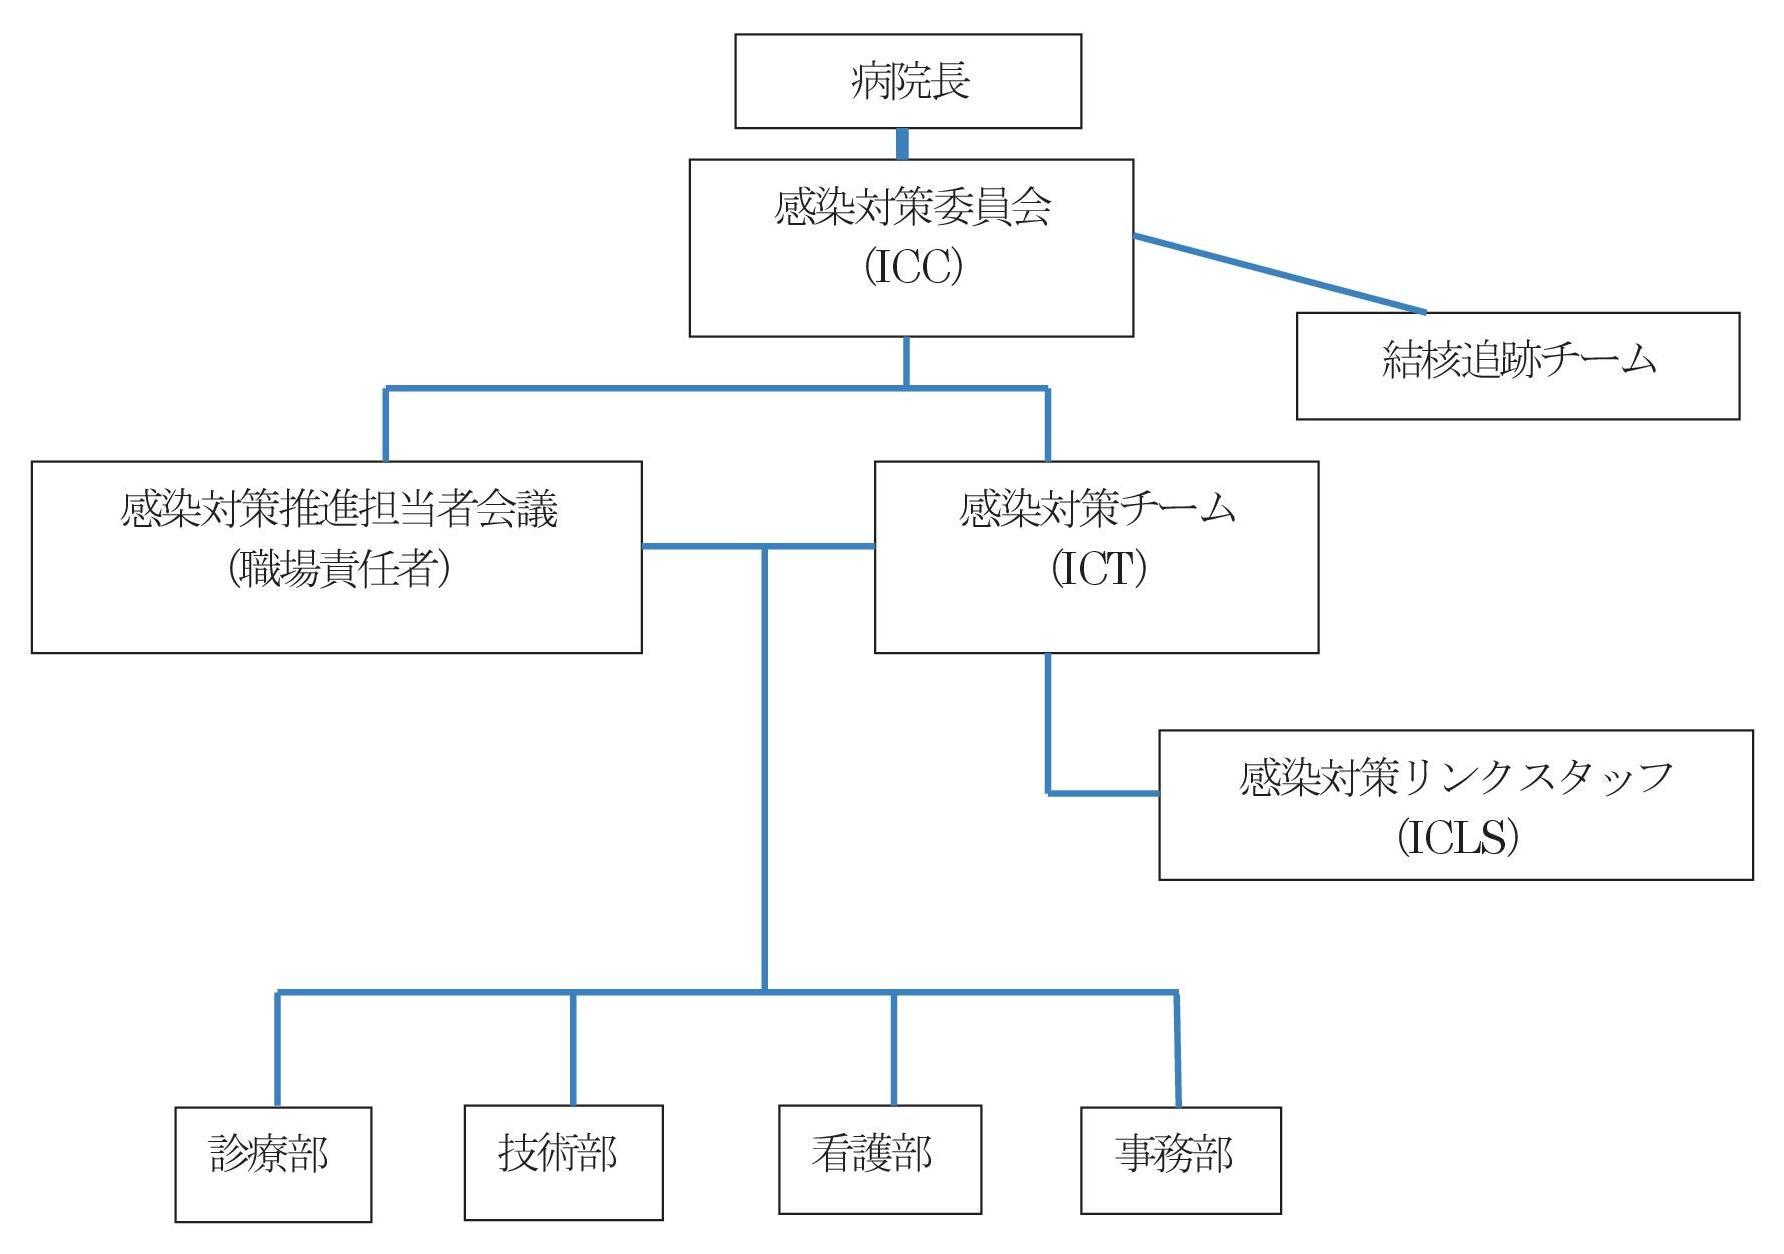 川崎協同病院 感染管理体制組織図